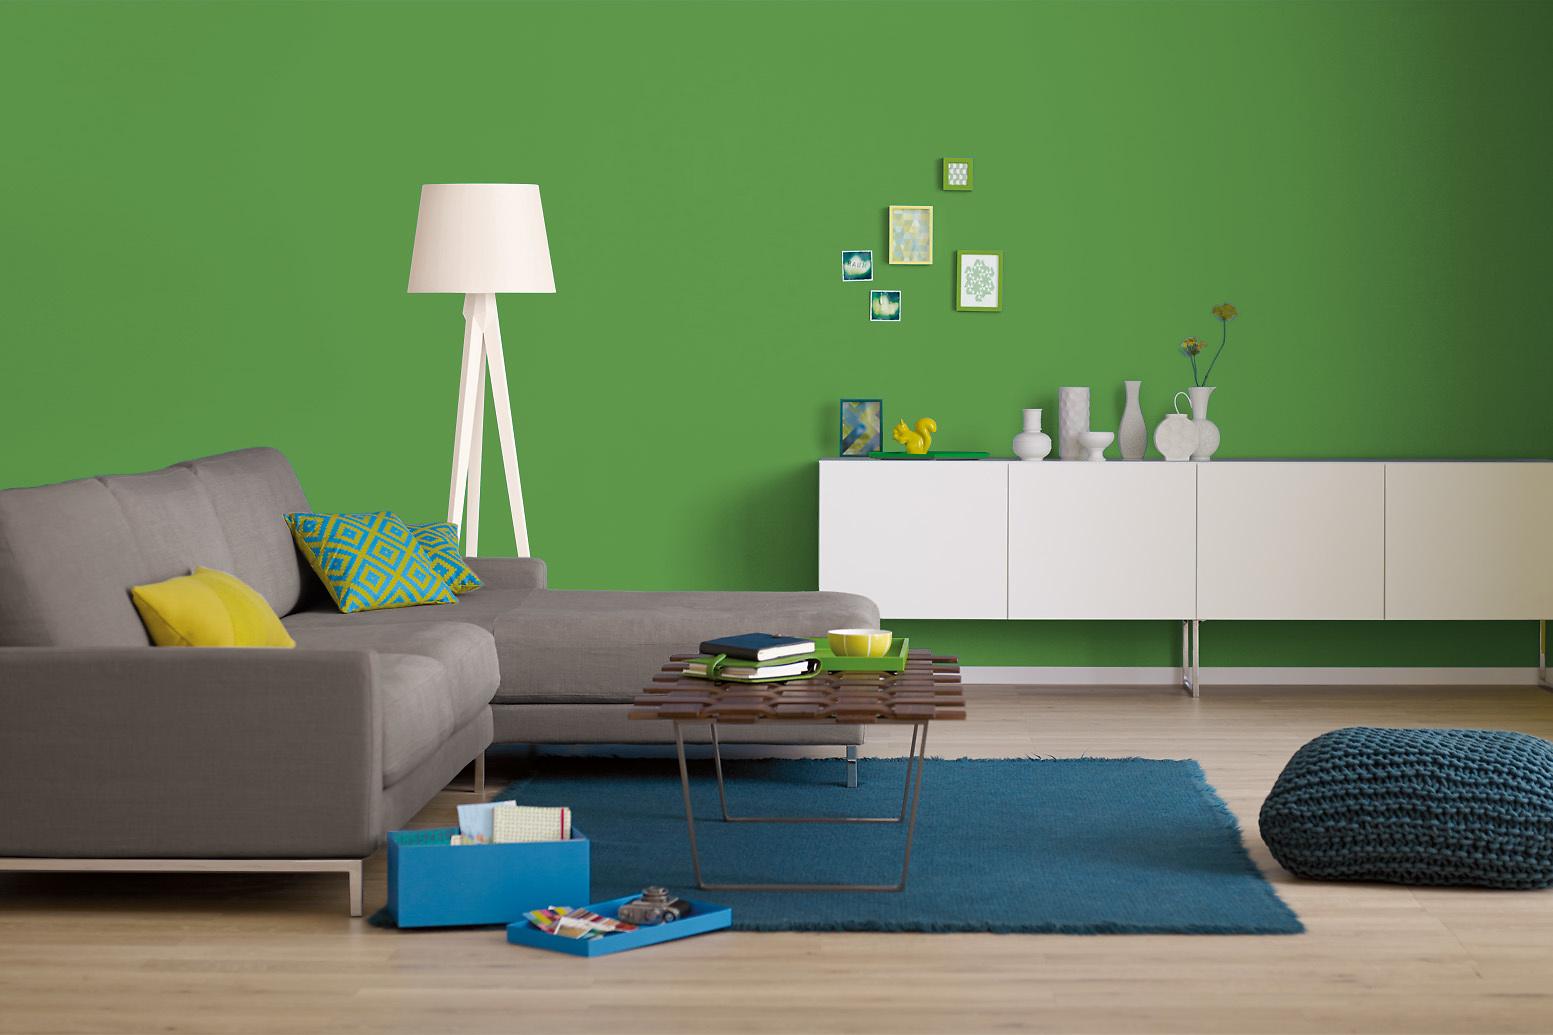 innenfarbe in gr n mittelgr n streichen alpina farbrezepte natur pur alpina farben. Black Bedroom Furniture Sets. Home Design Ideas